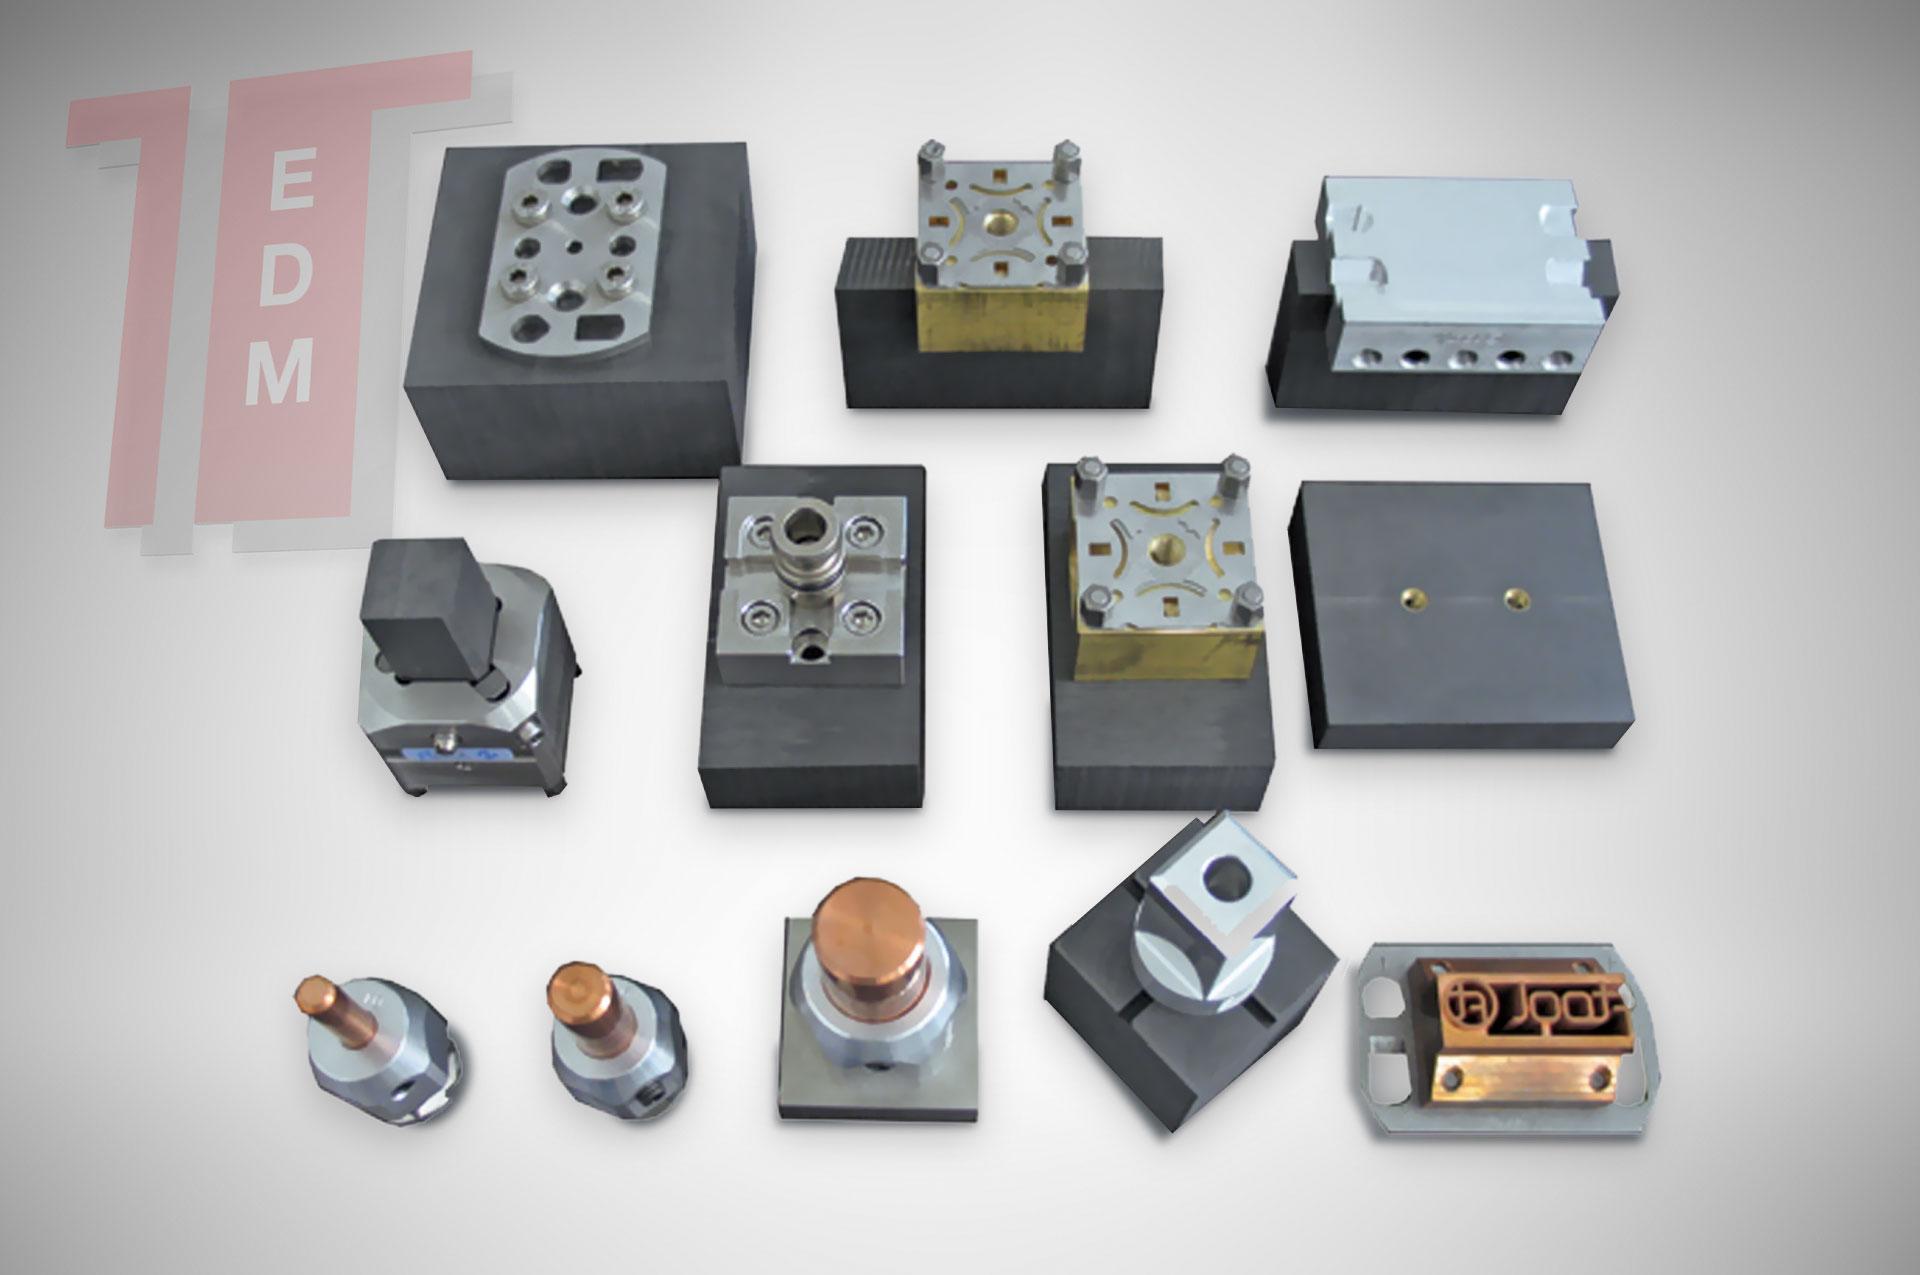 EDM Tooling - Tecno E.D.M. - Graphite and Copper electrodes for EDM